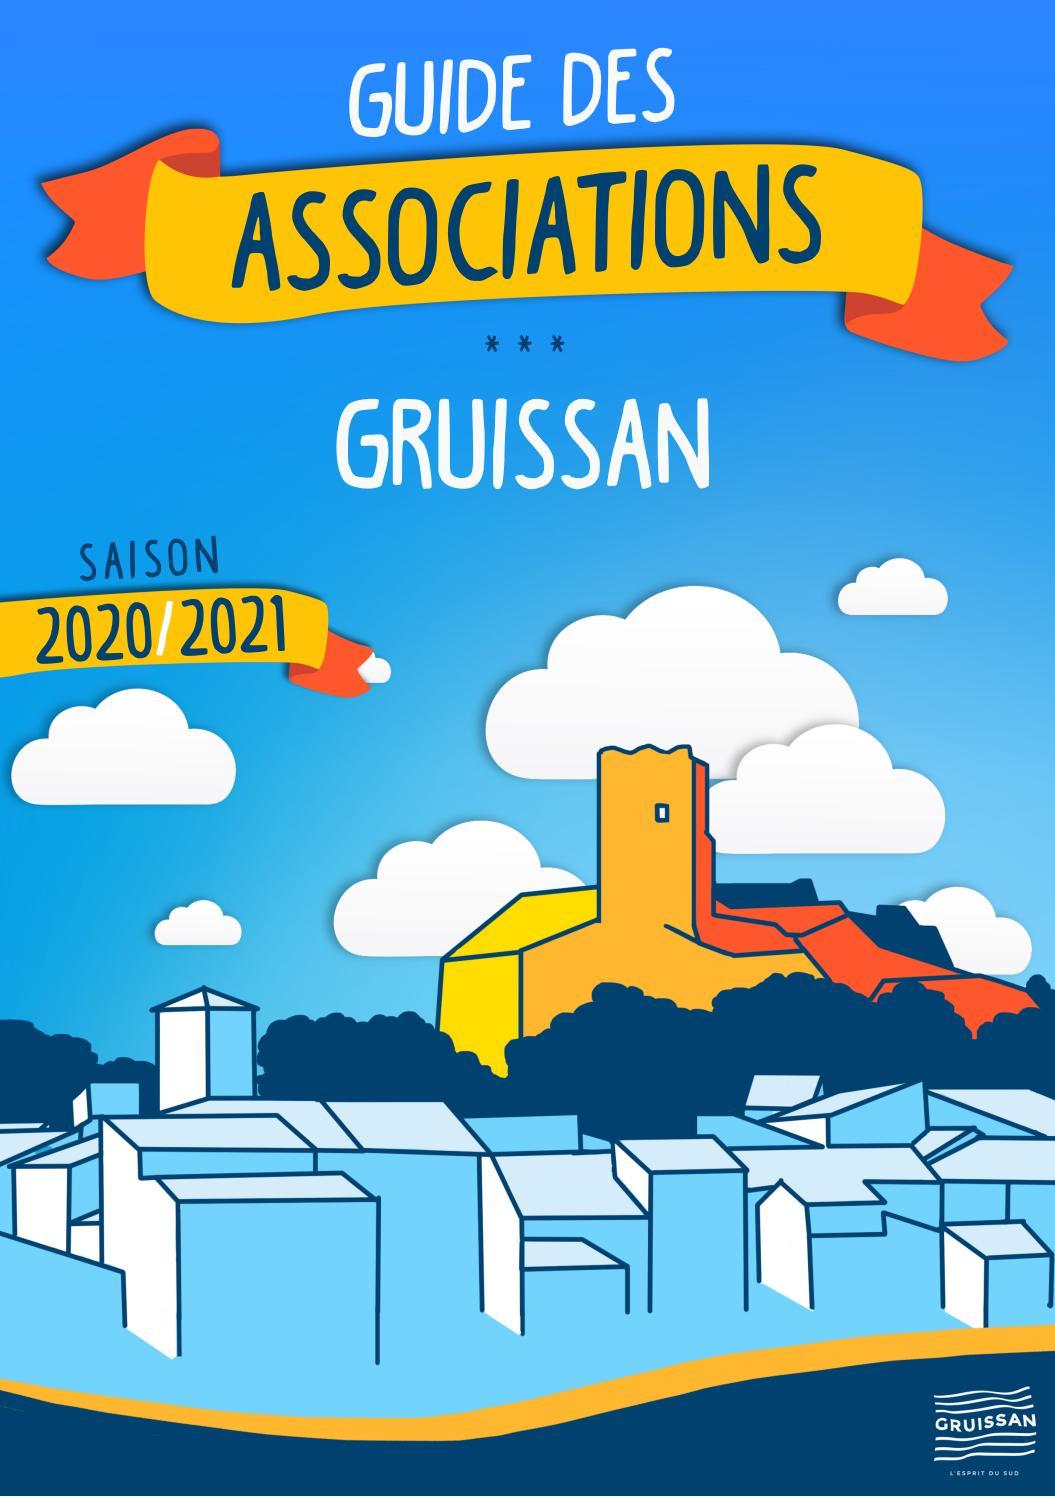 agenda événement culture et musique narbonne, gruissan, leucate - La Narbonnaise